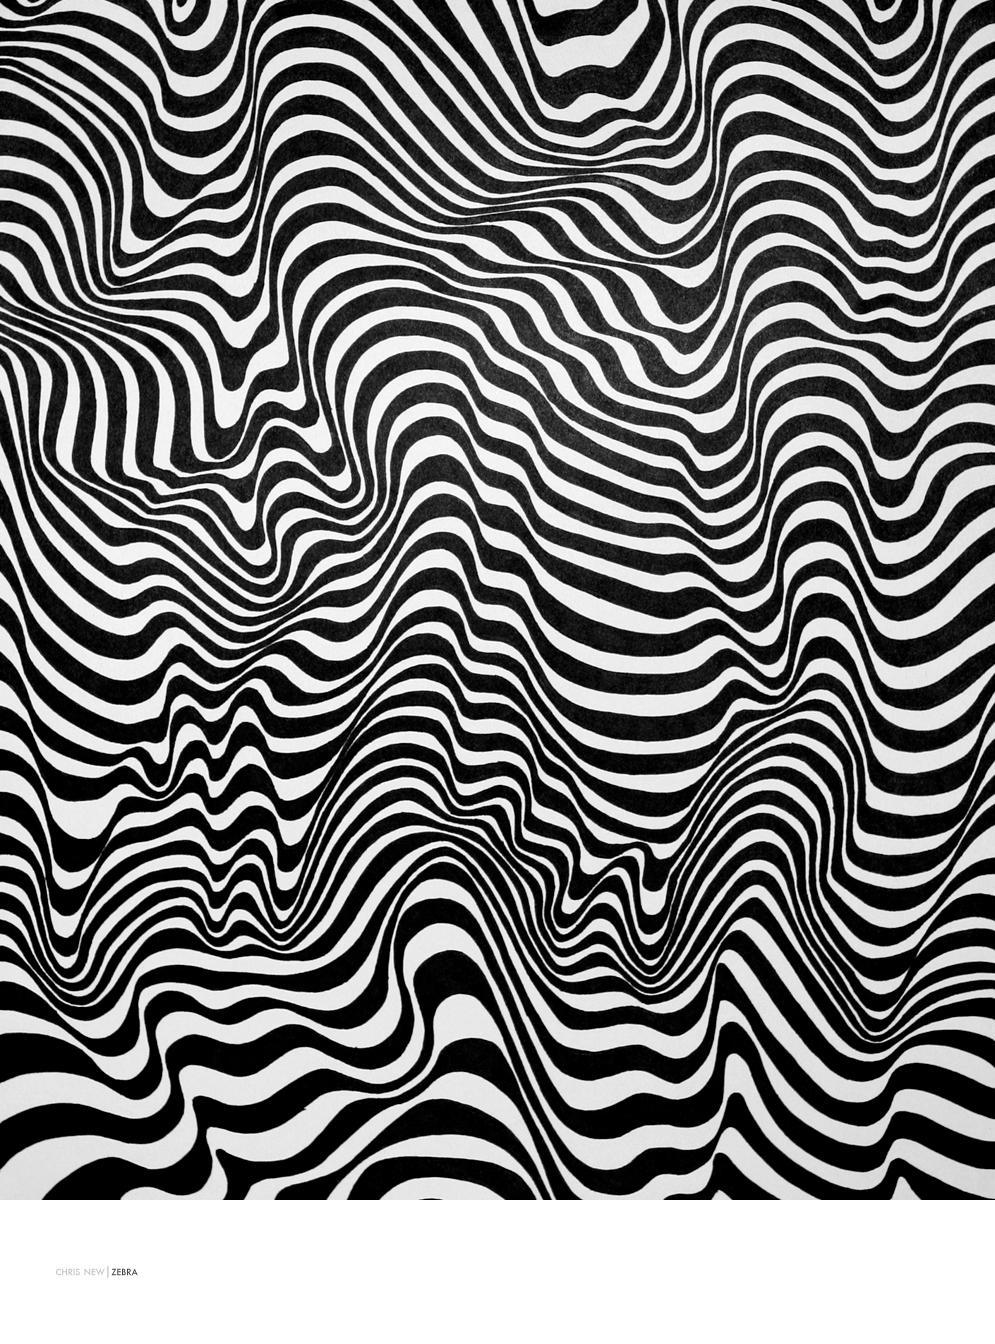 Zebra by seenew